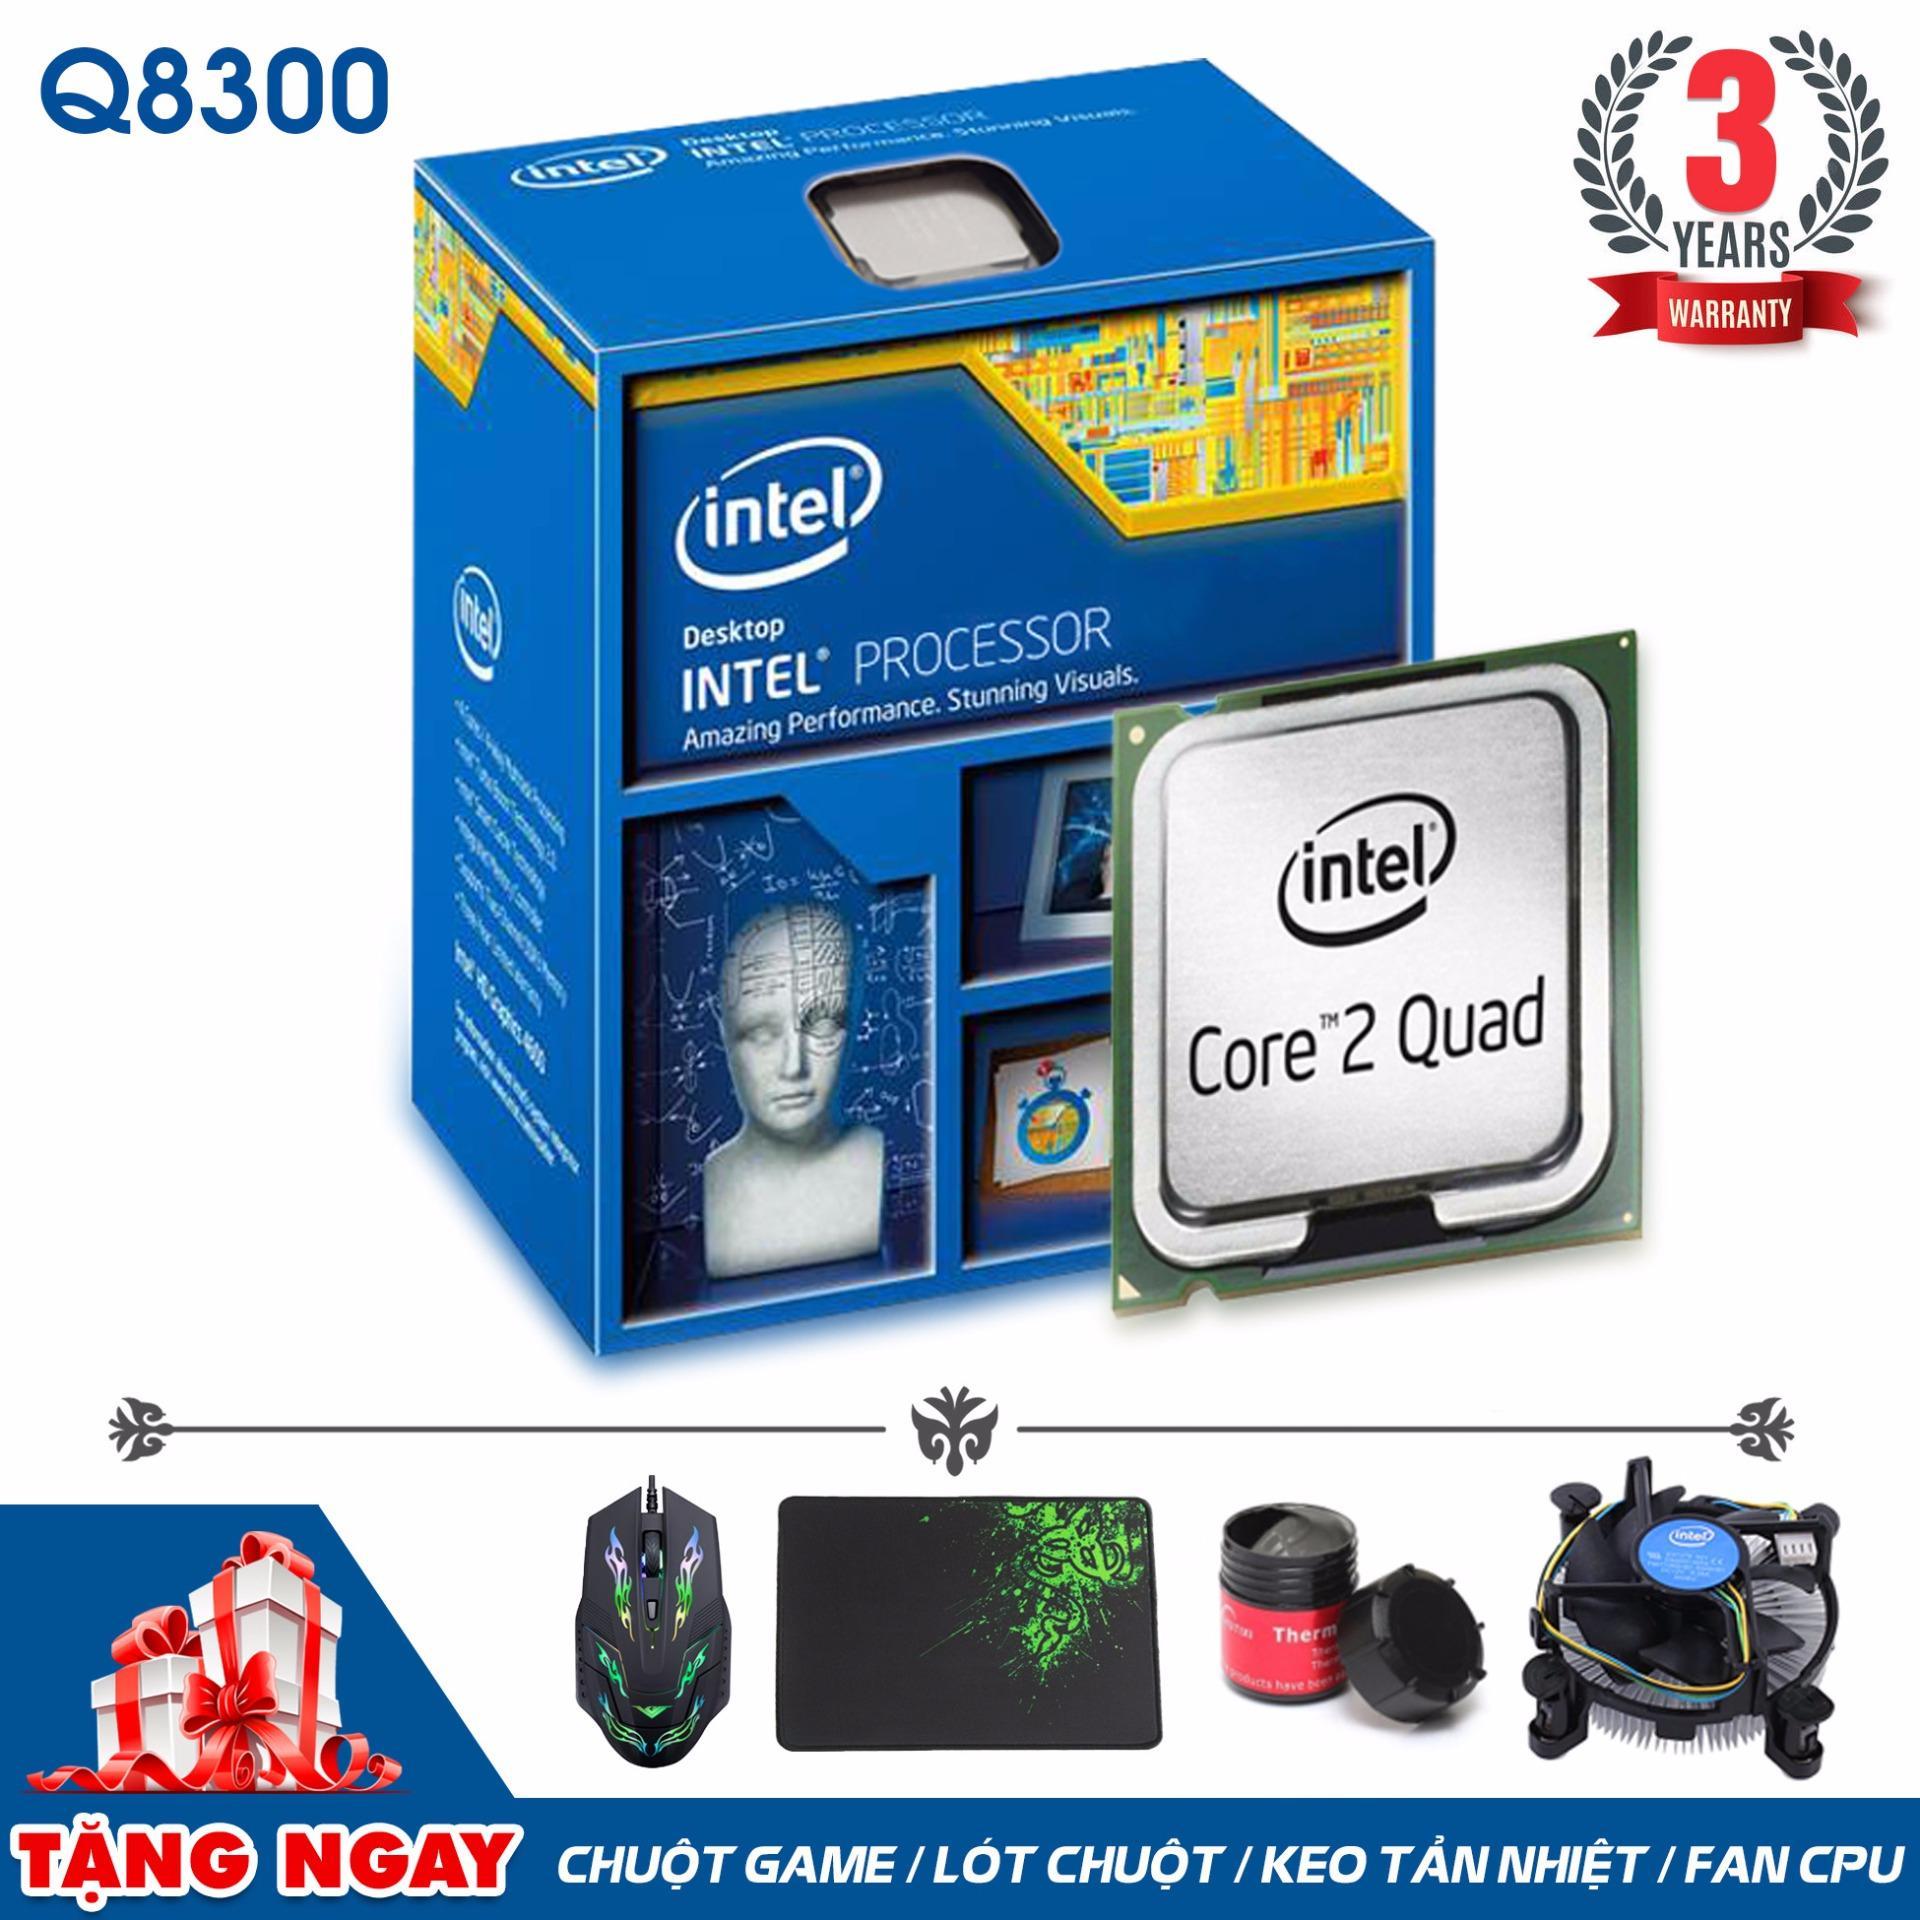 Bộ vi xử lý Intel CPU Core 2 Quad Q8300 (4 lõi, 4 Luồng) + Quà Tặng - Hàng Nhập...